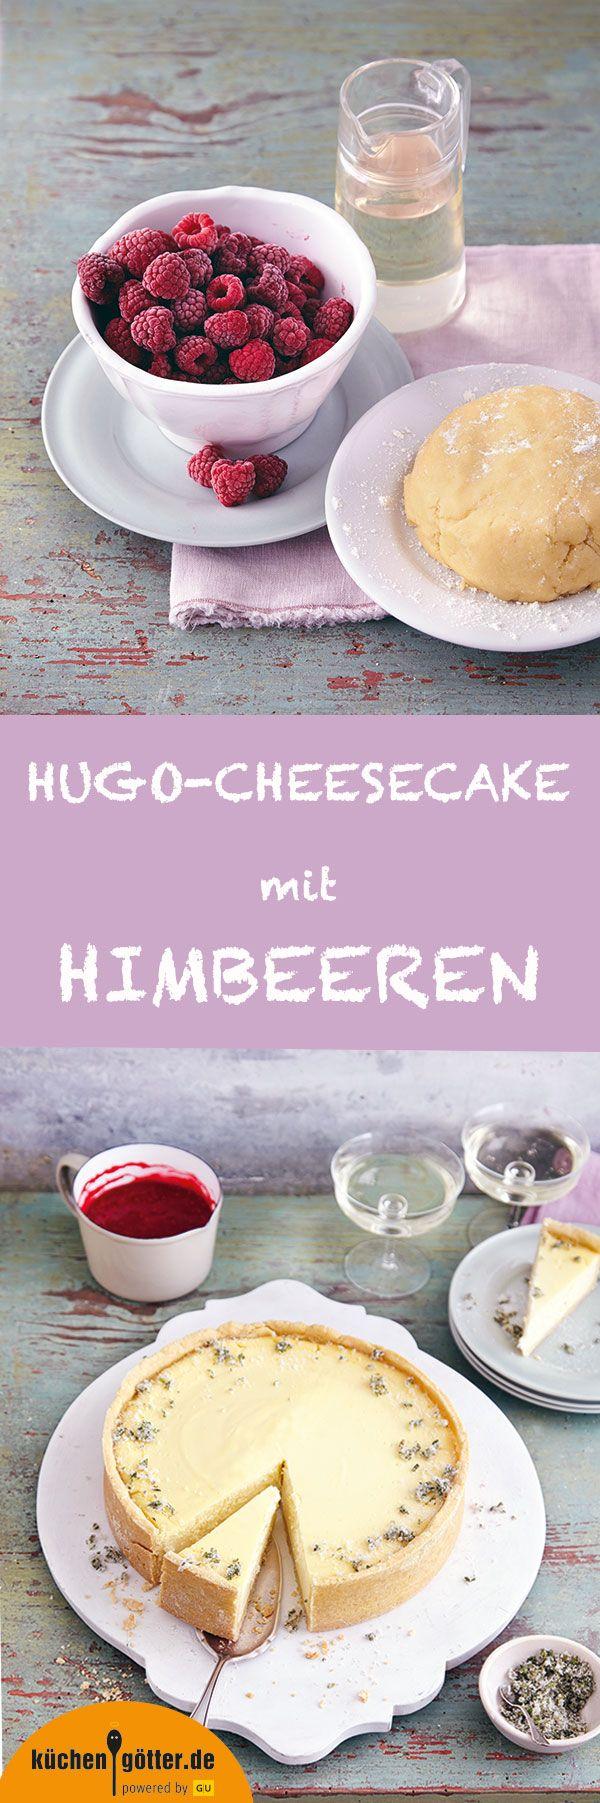 Hier kommt große Konkurrenz für den New York Cheesecake: unsere Rezept für Hugo-Cheesecake mit Himbeeren. Denn eines ist doch ganz klar: Was als Cocktail begeistert, schmeckt auch als Kuchen einfach h